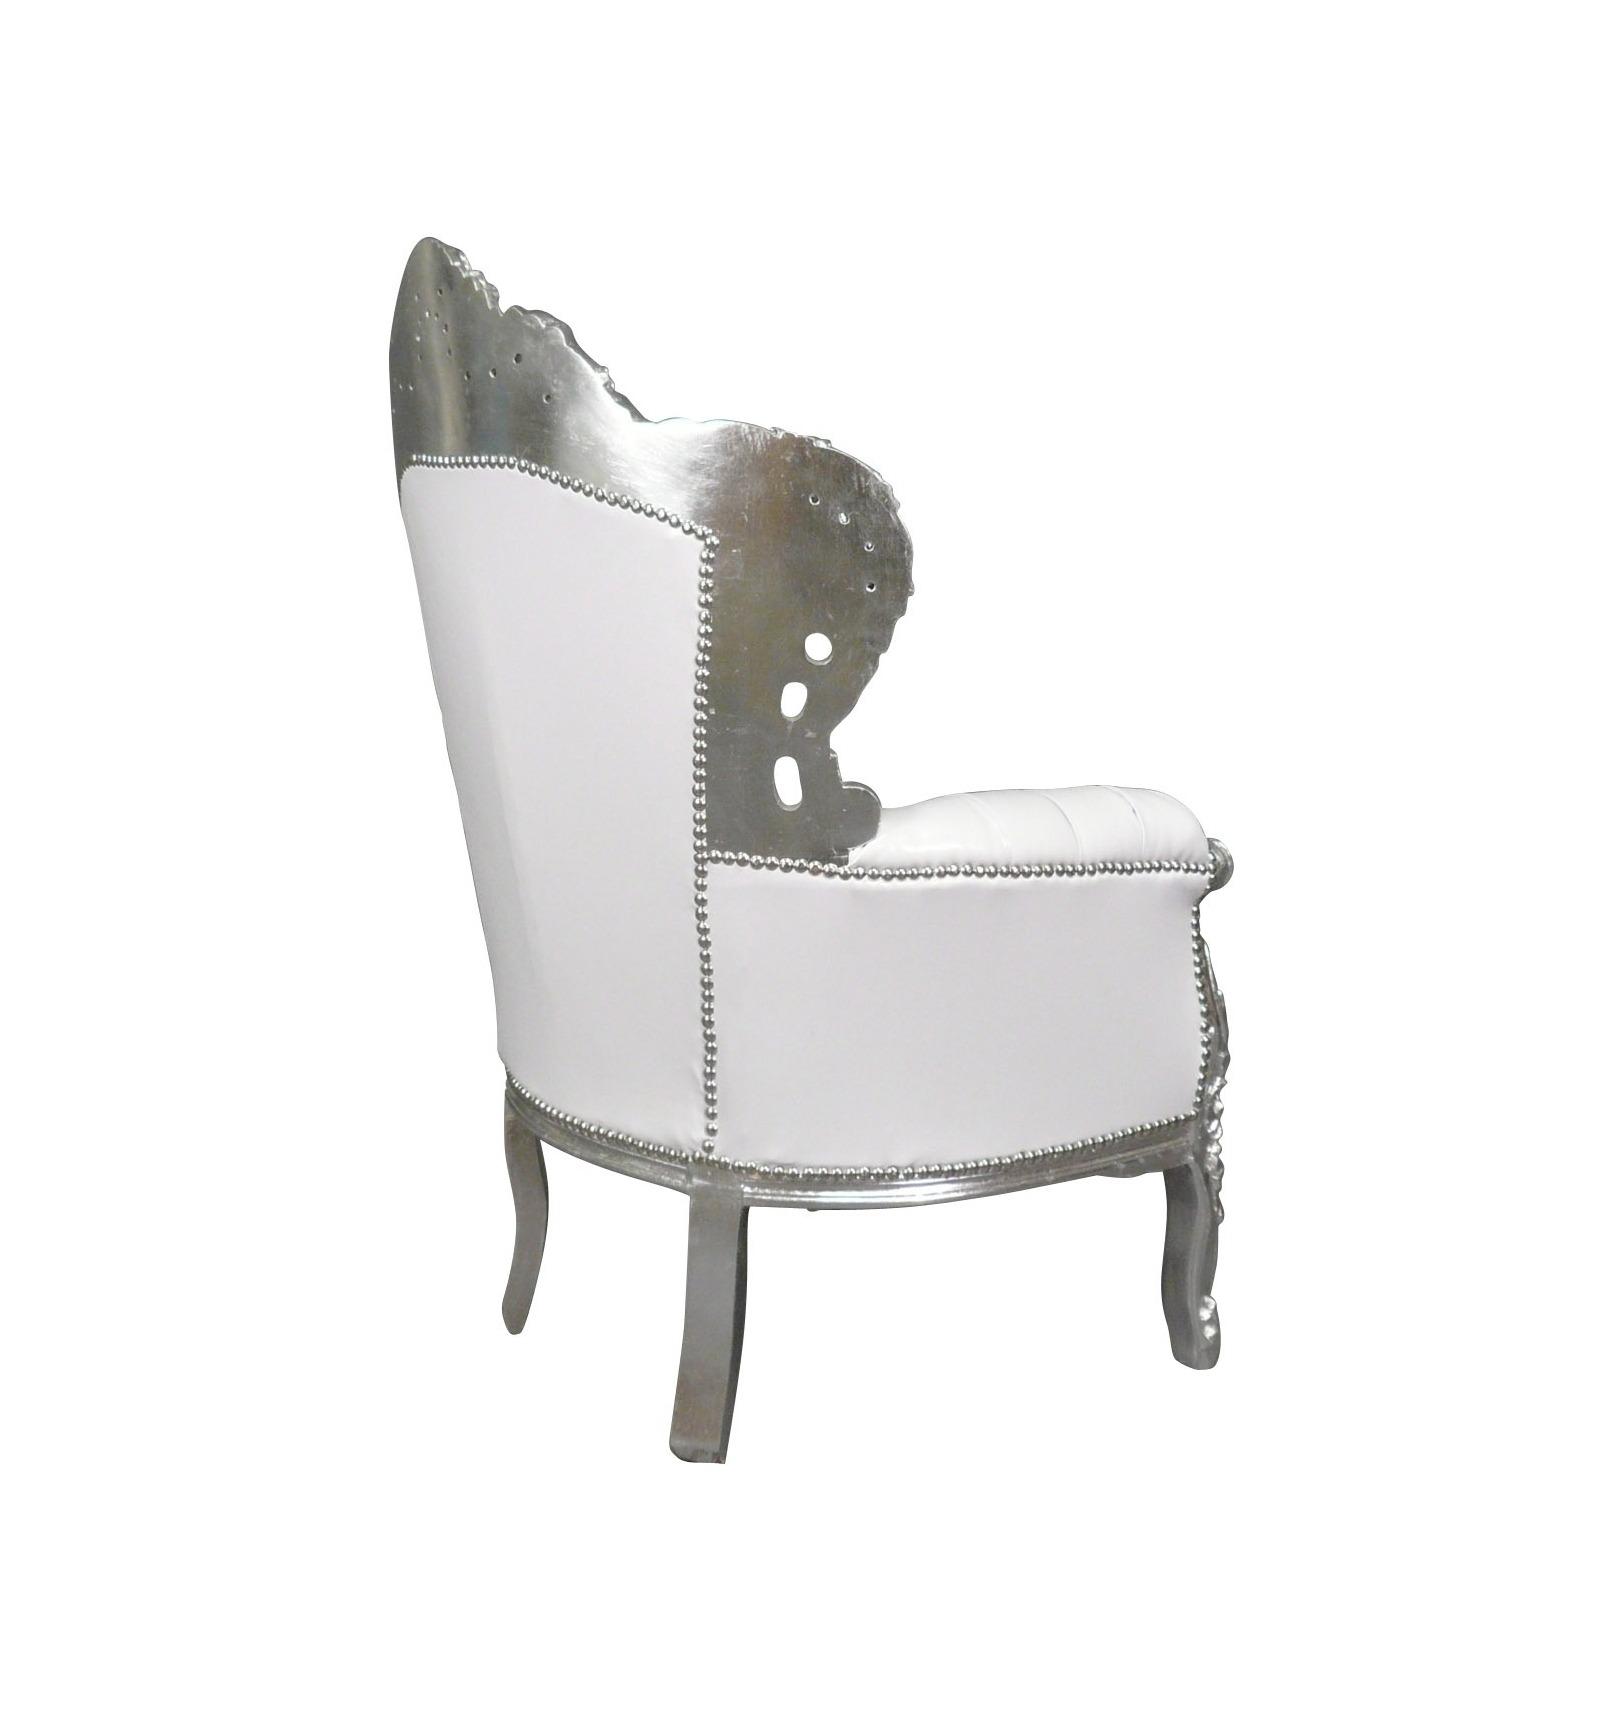 fauteuil baroque blanc argent chaises et meubles art d co. Black Bedroom Furniture Sets. Home Design Ideas